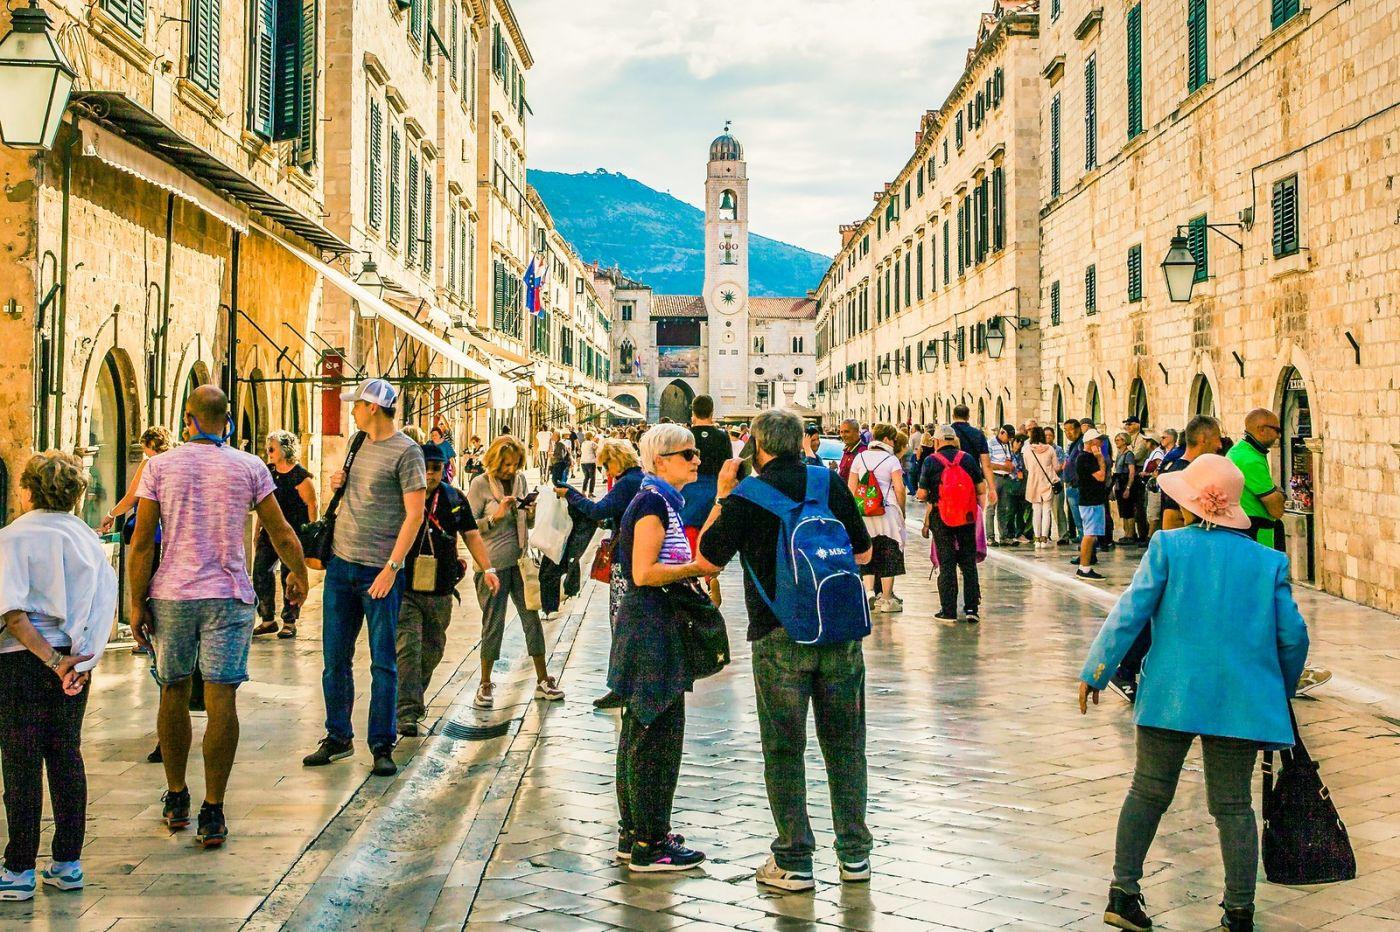 克罗地亚杜布罗夫尼克(Dubrovnik),古城小巷_图1-14